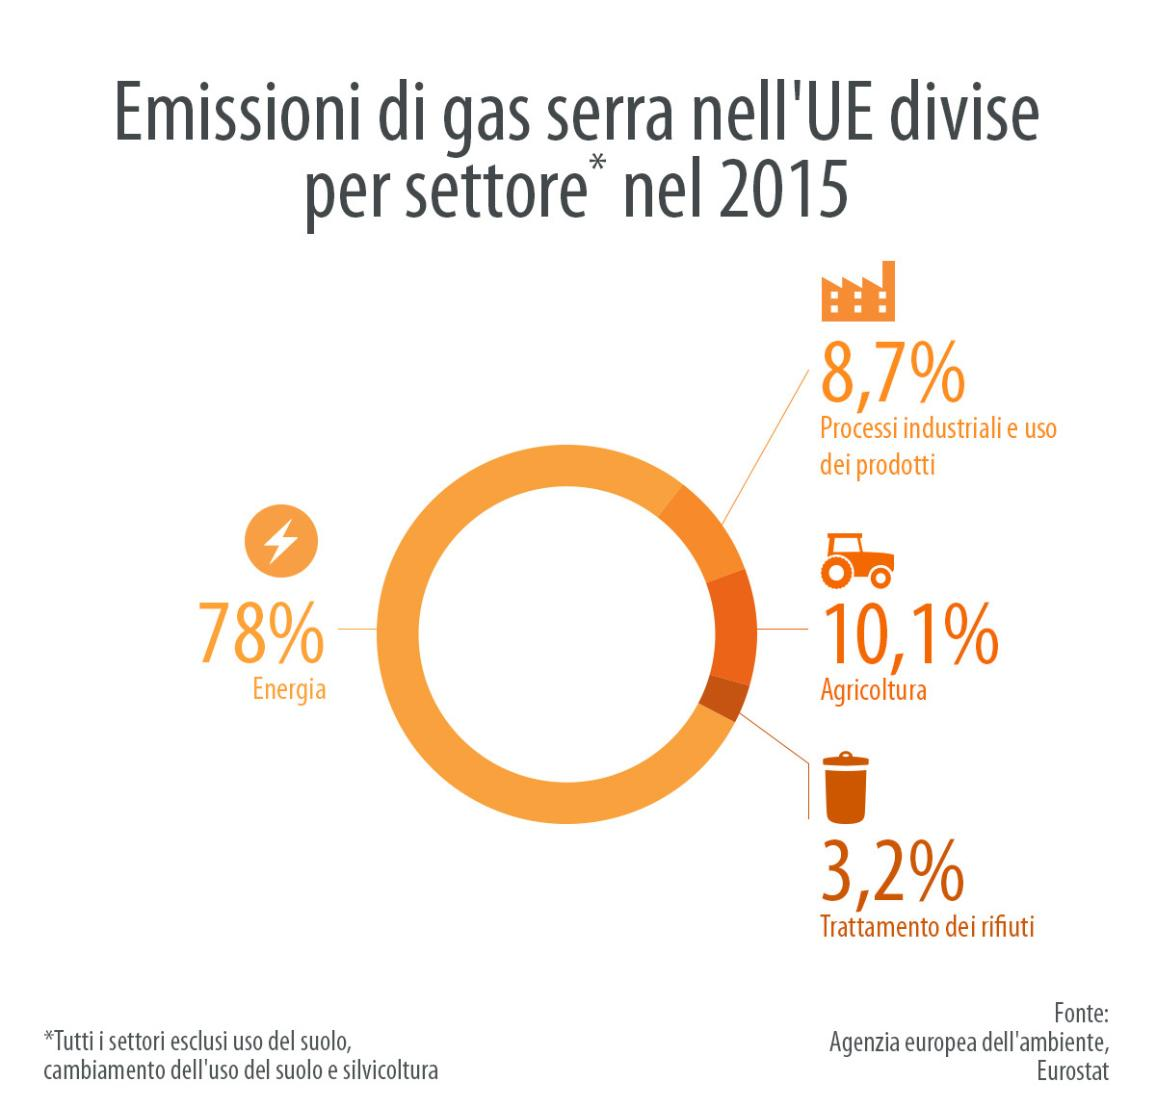 Il 78% delle emissioni totali di gas serra nell'UE sono prodotte dal settore energetico. I settori quali industria, agricoltura e trattamento dei rifiuti sono responsabili per il 22% delle emissioni di gas serra.